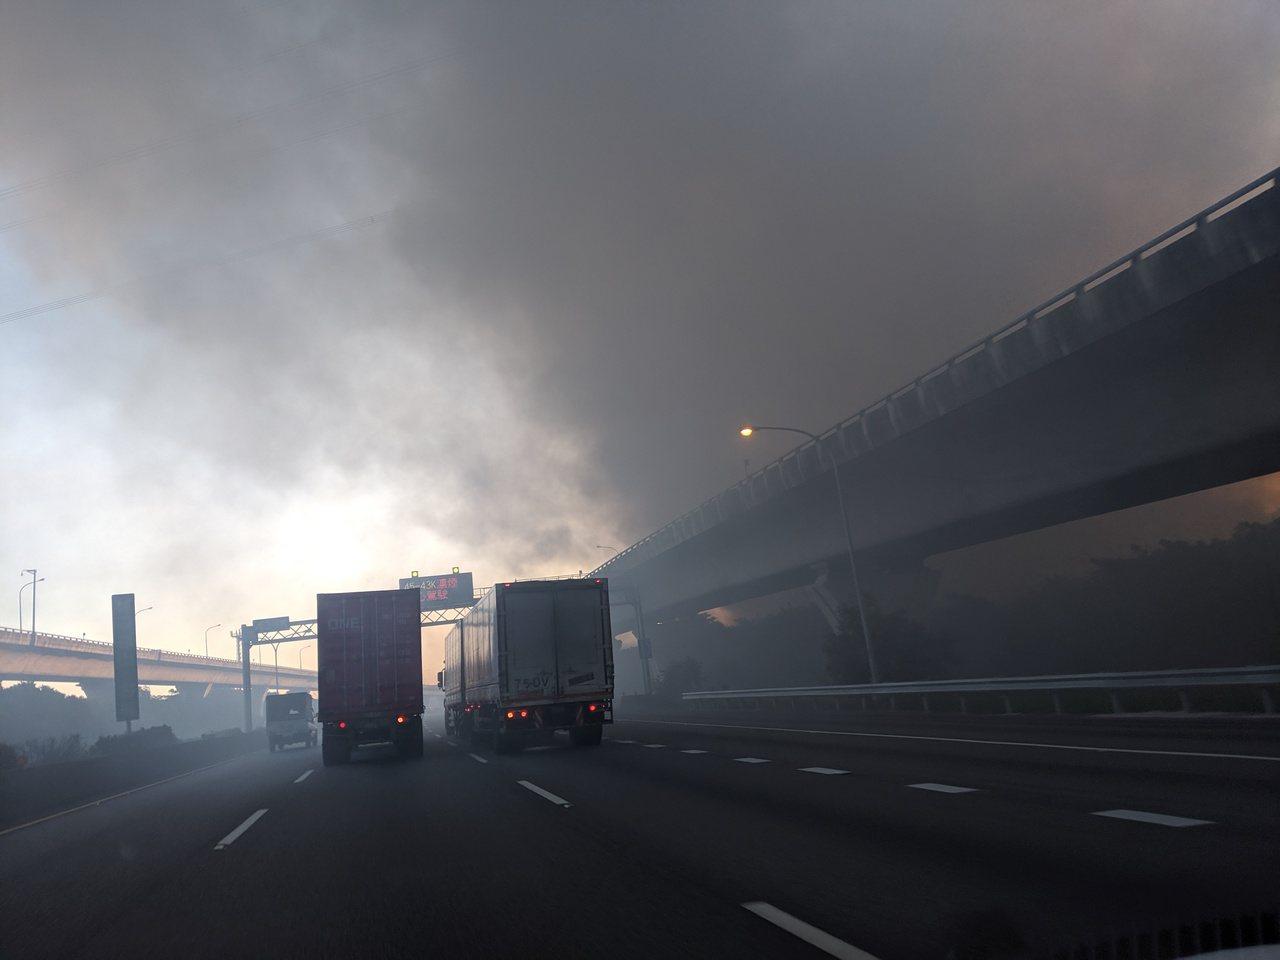 桃園市龜山區資收場火警,大量濃煙飄向一旁的國道一號林口路段。圖/楊姓讀者提供